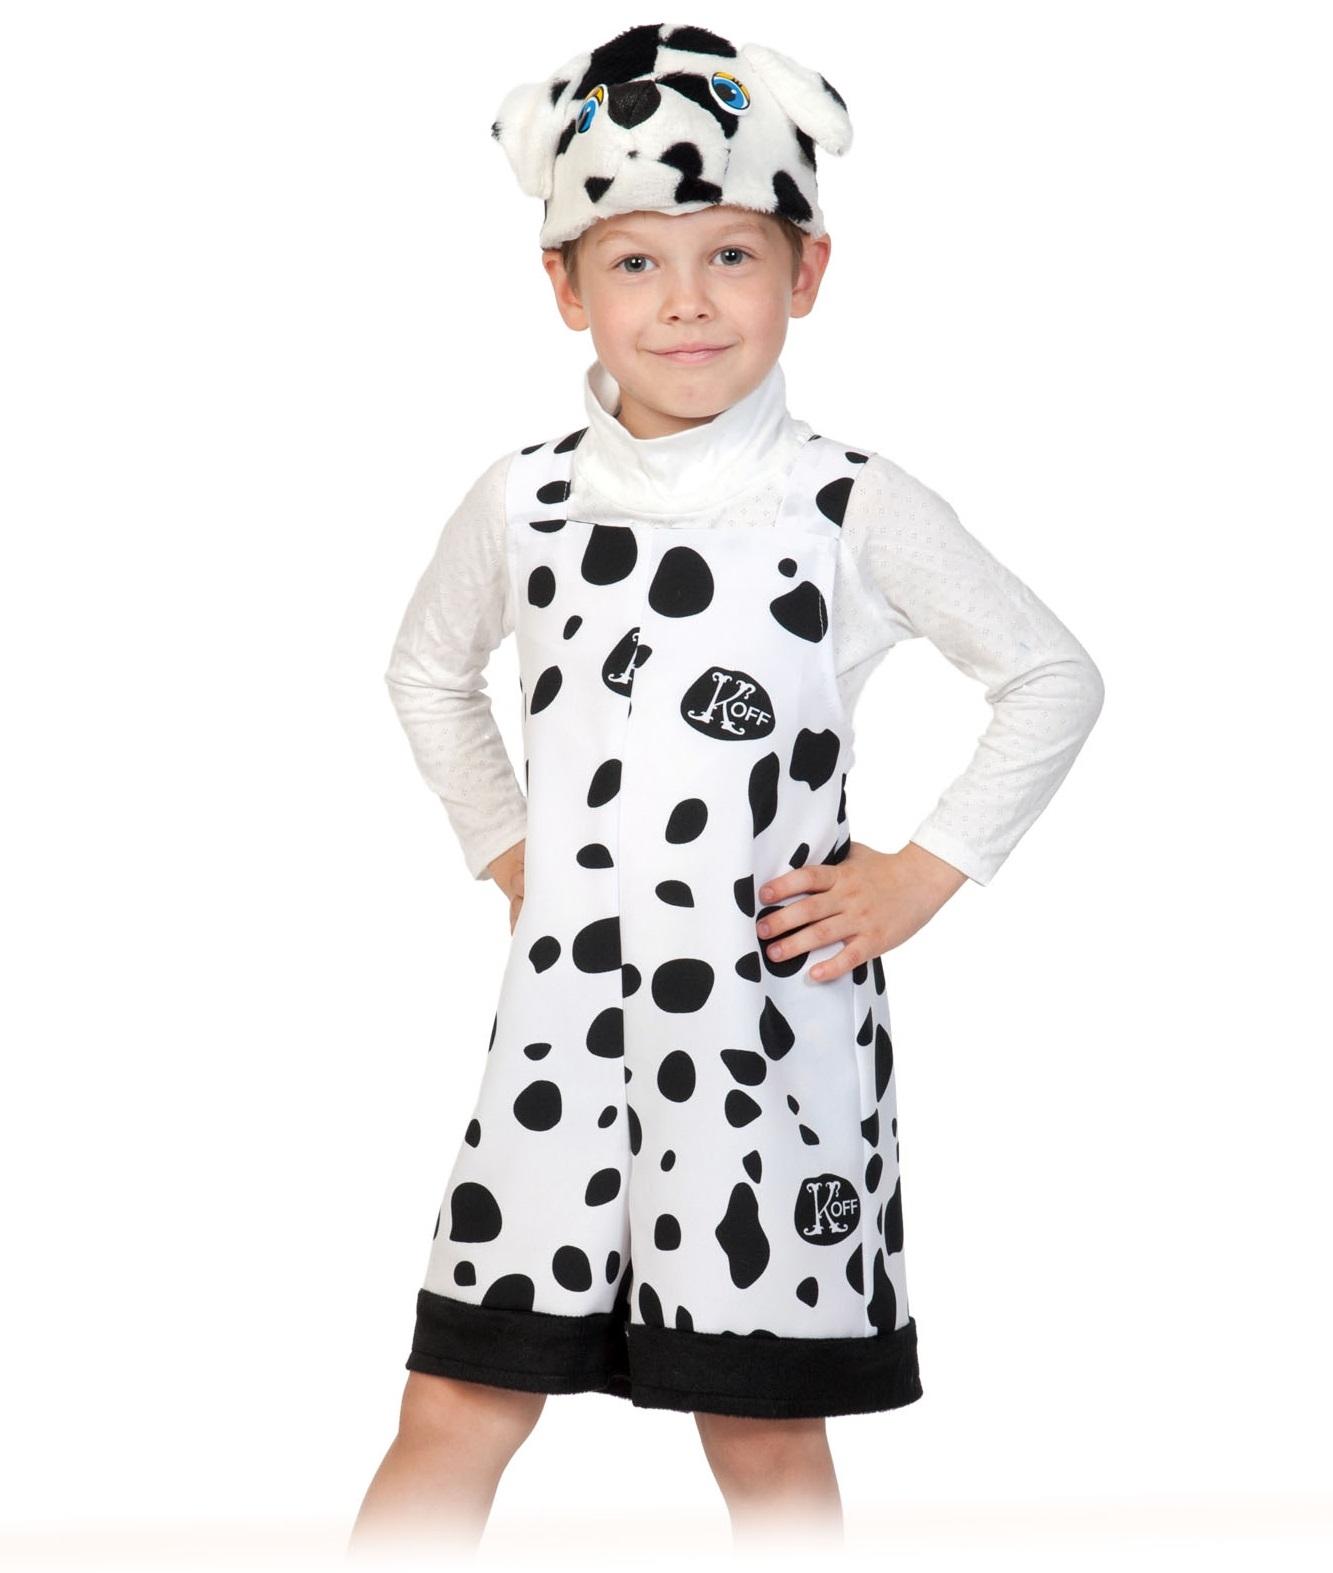 Детский костюм Песика Далматинца (26-32) детский костюм собаки лабрадора 26 32